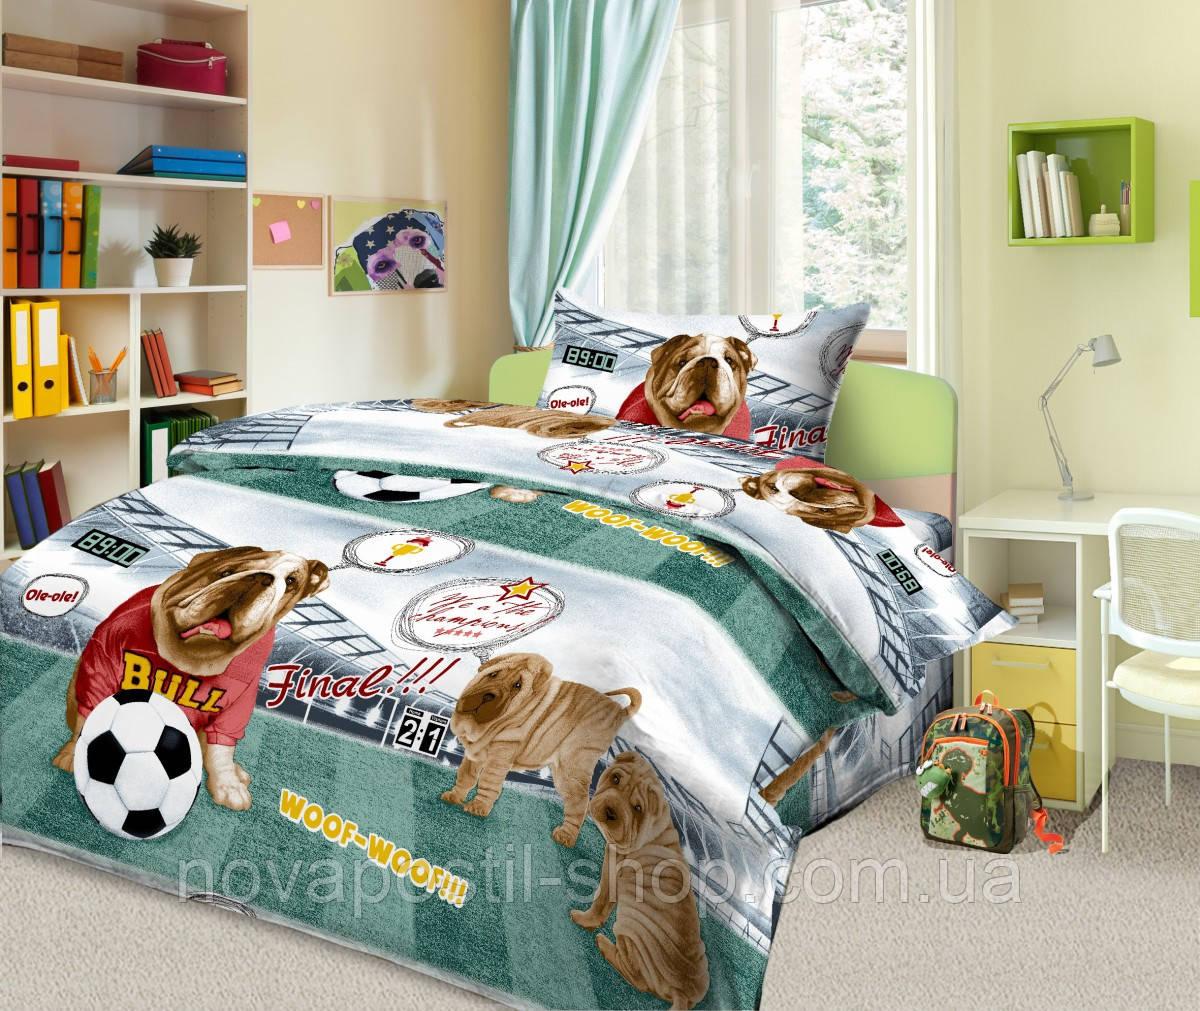 Комплект постельного белья Золотой гол (подростковый)